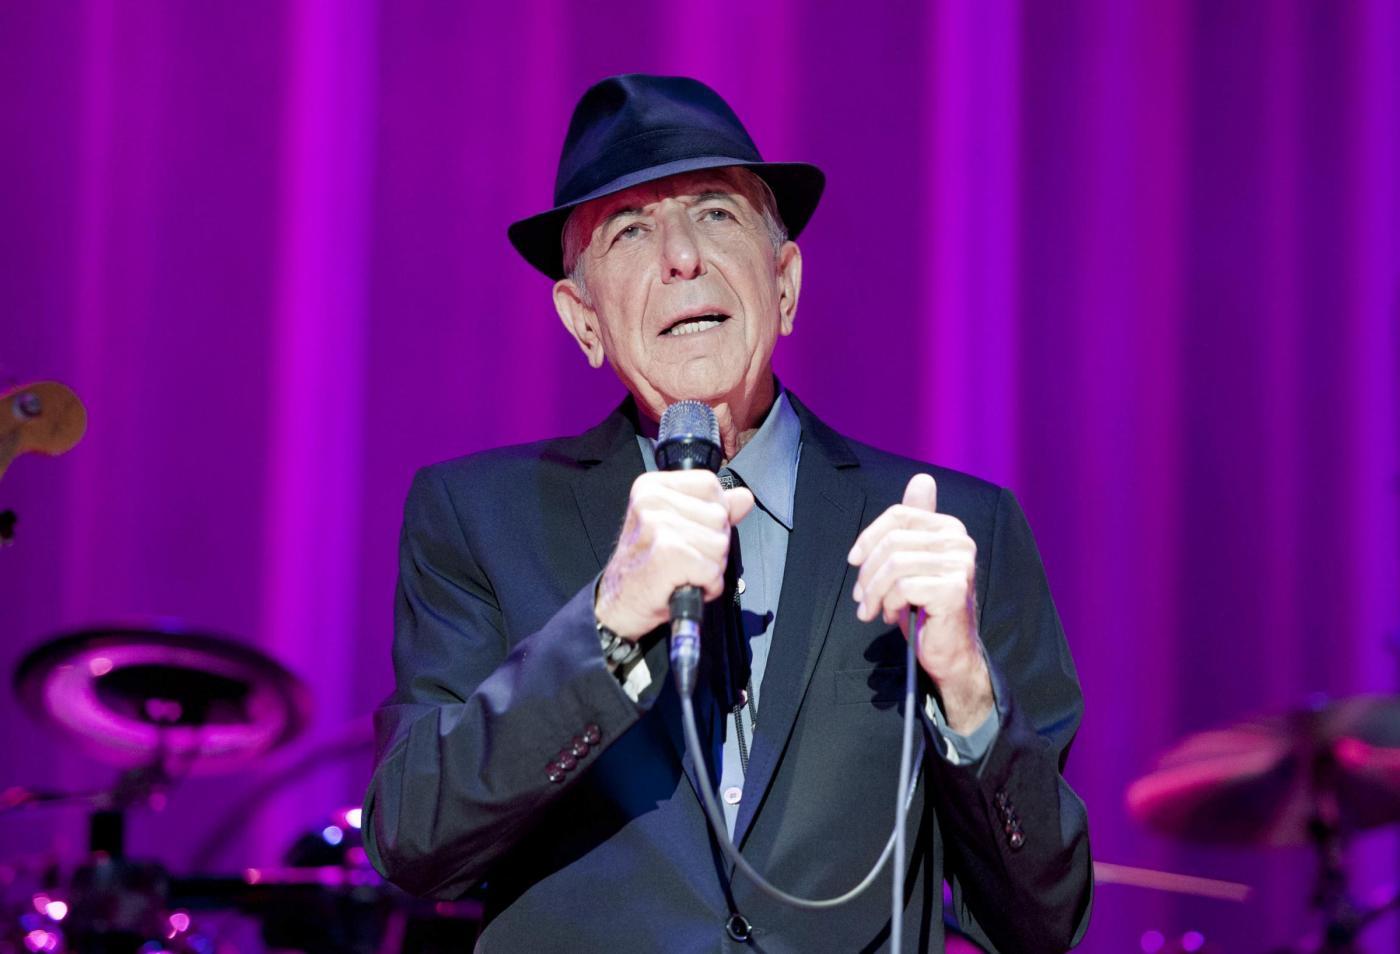 Leonard Cohen canzoni famose